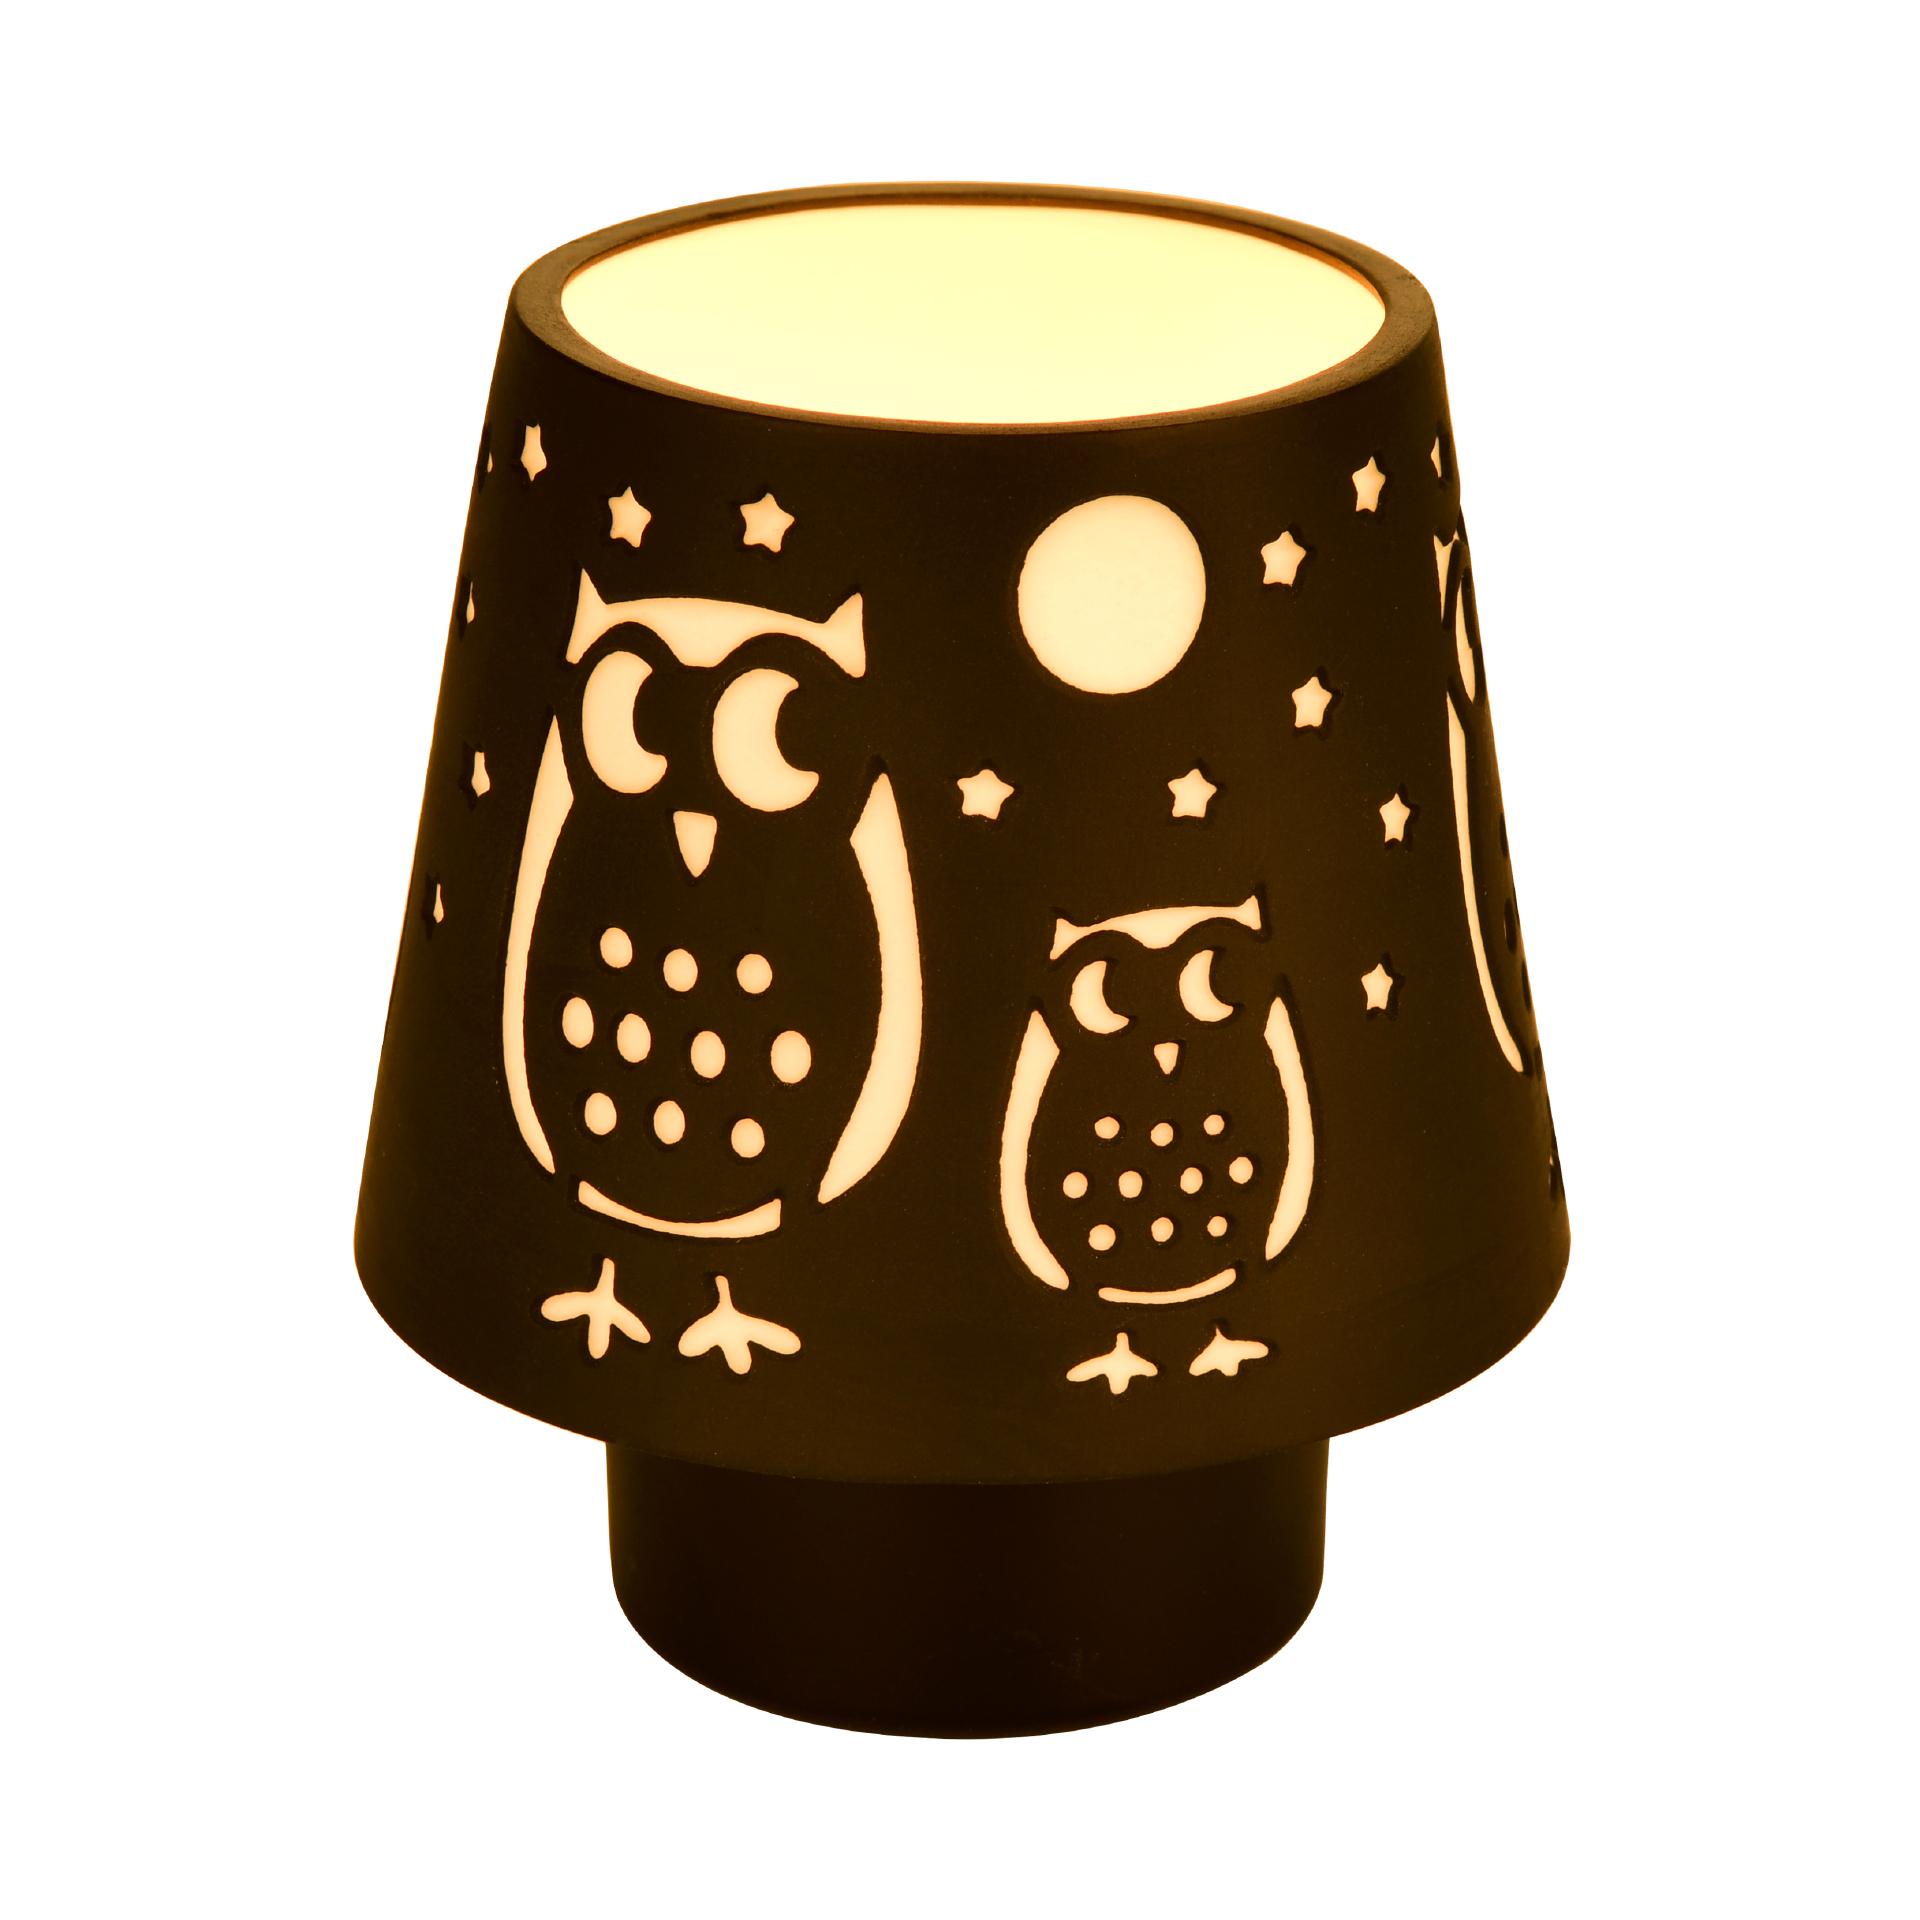 陶瓷燭台 PP17027B